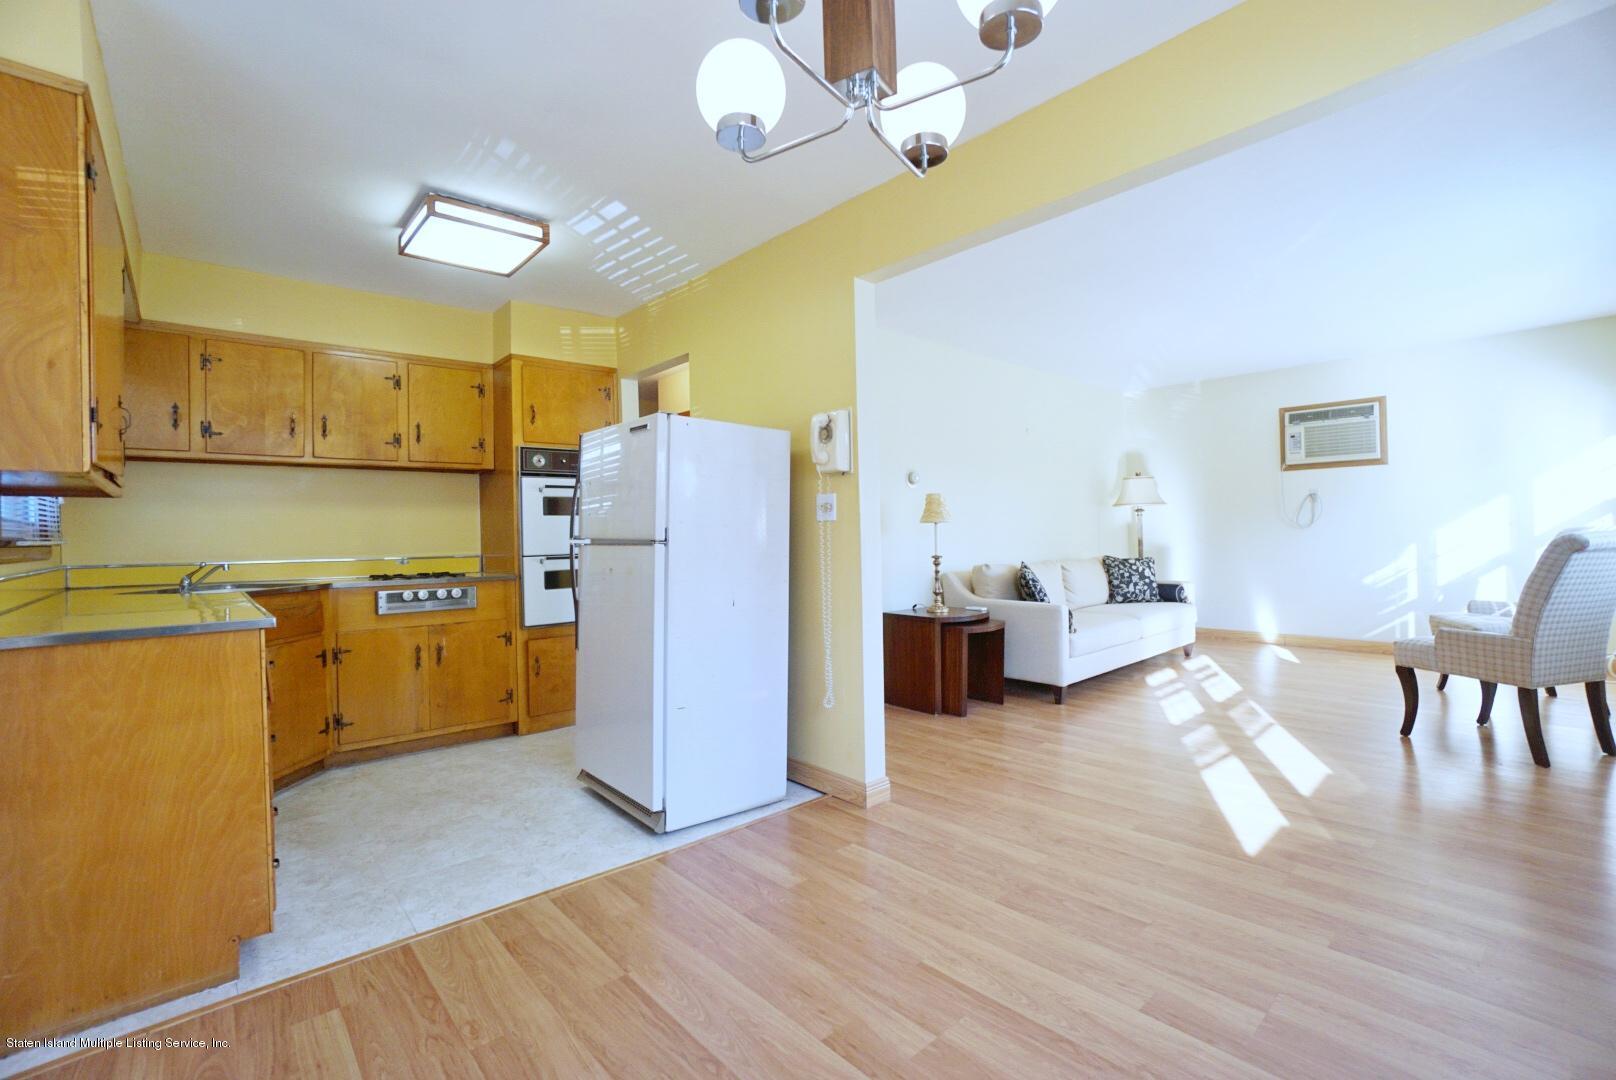 Single Family - Detached 215 Fairbanks Avenue  Staten Island, NY 10306, MLS-1138817-13